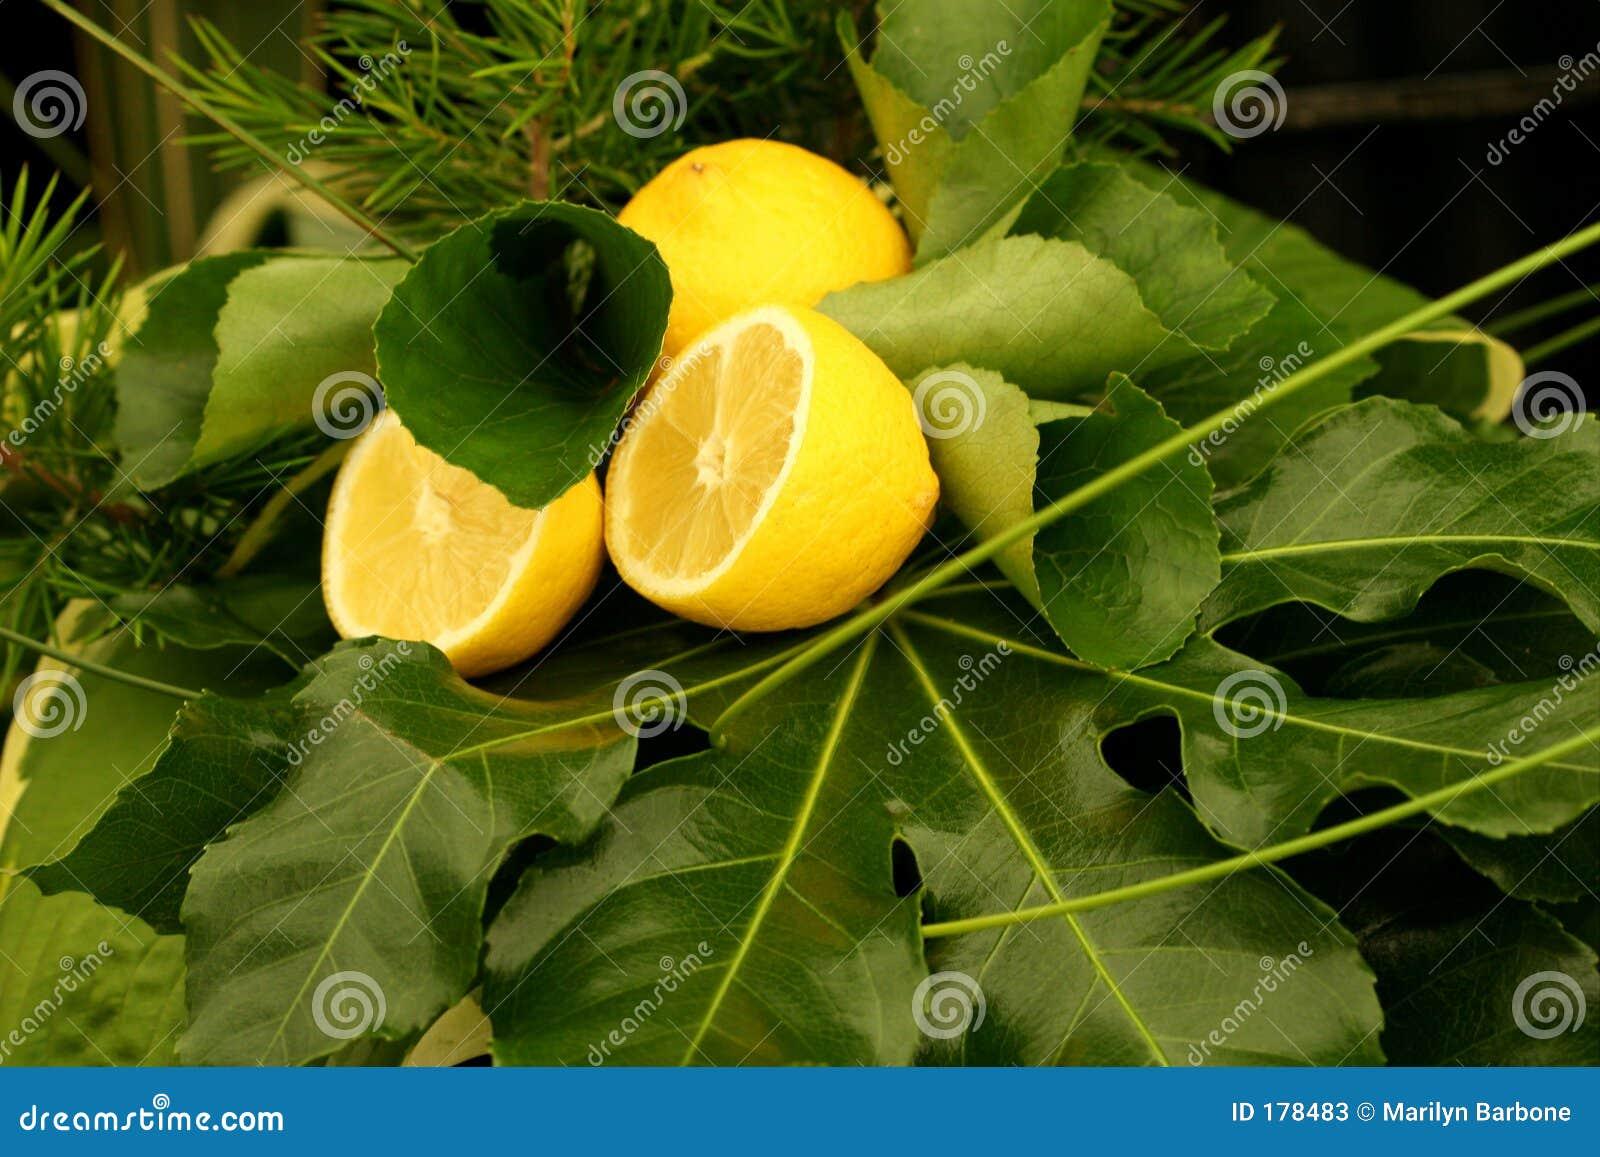 Citrons et verdure